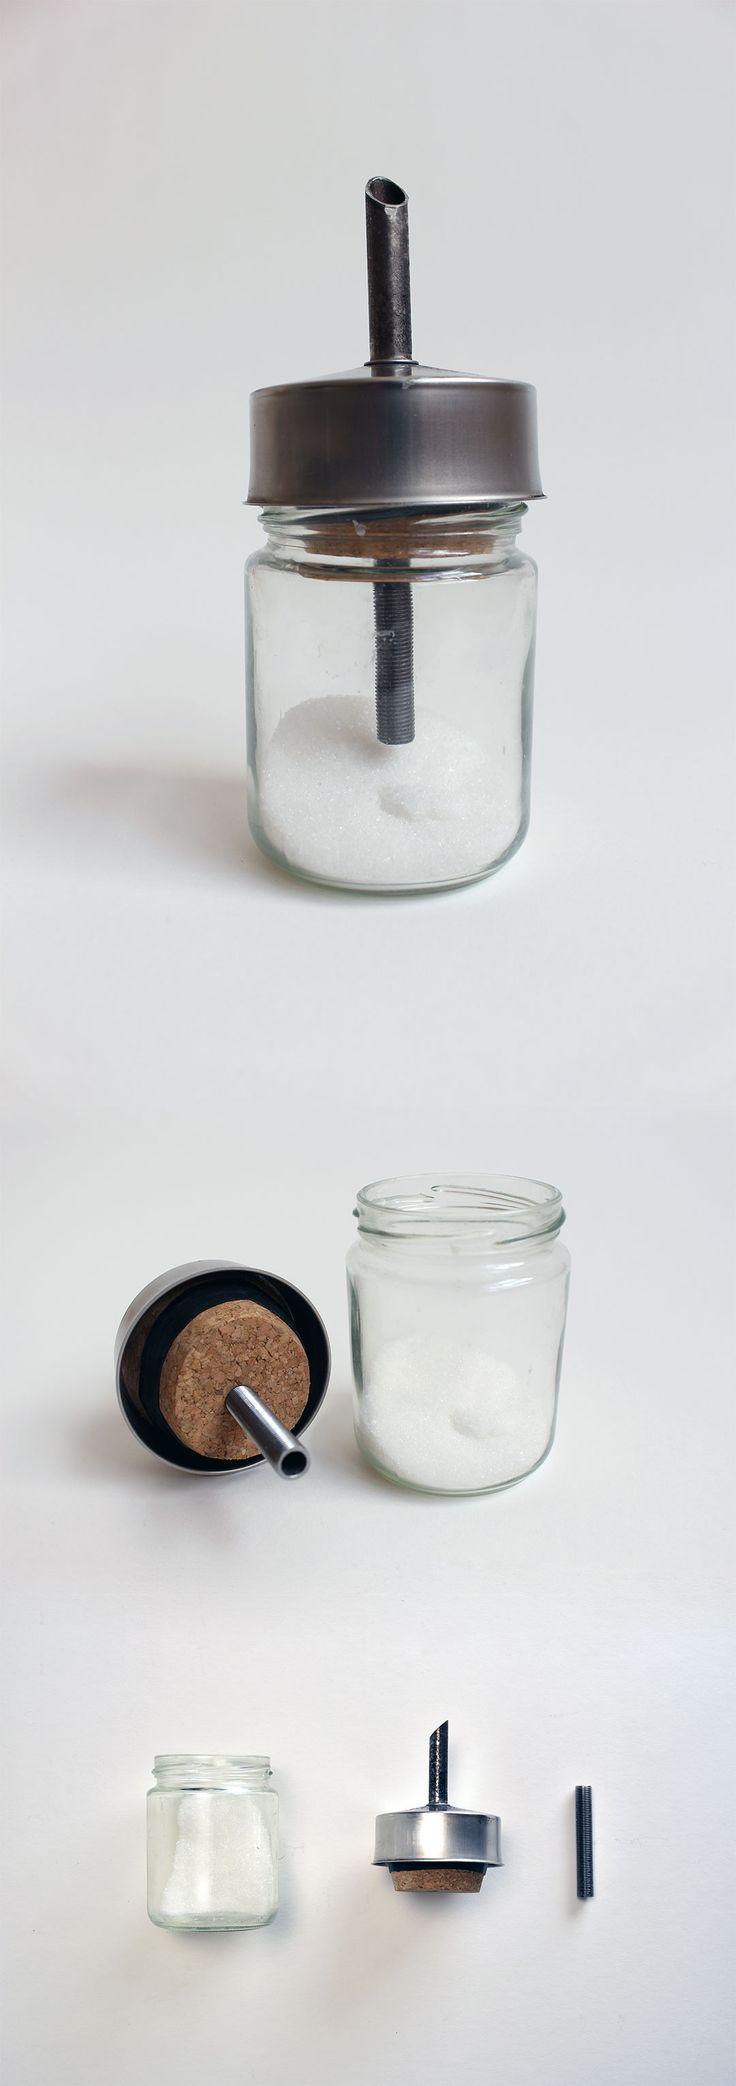 Zuccheriera. Filtro moka + Tappo mostarda + vite + barattolo. Il pezzo superiore si adatta a qualunque tipo di barattolo in modo da avere zuccheriere di diverse dimensioni.